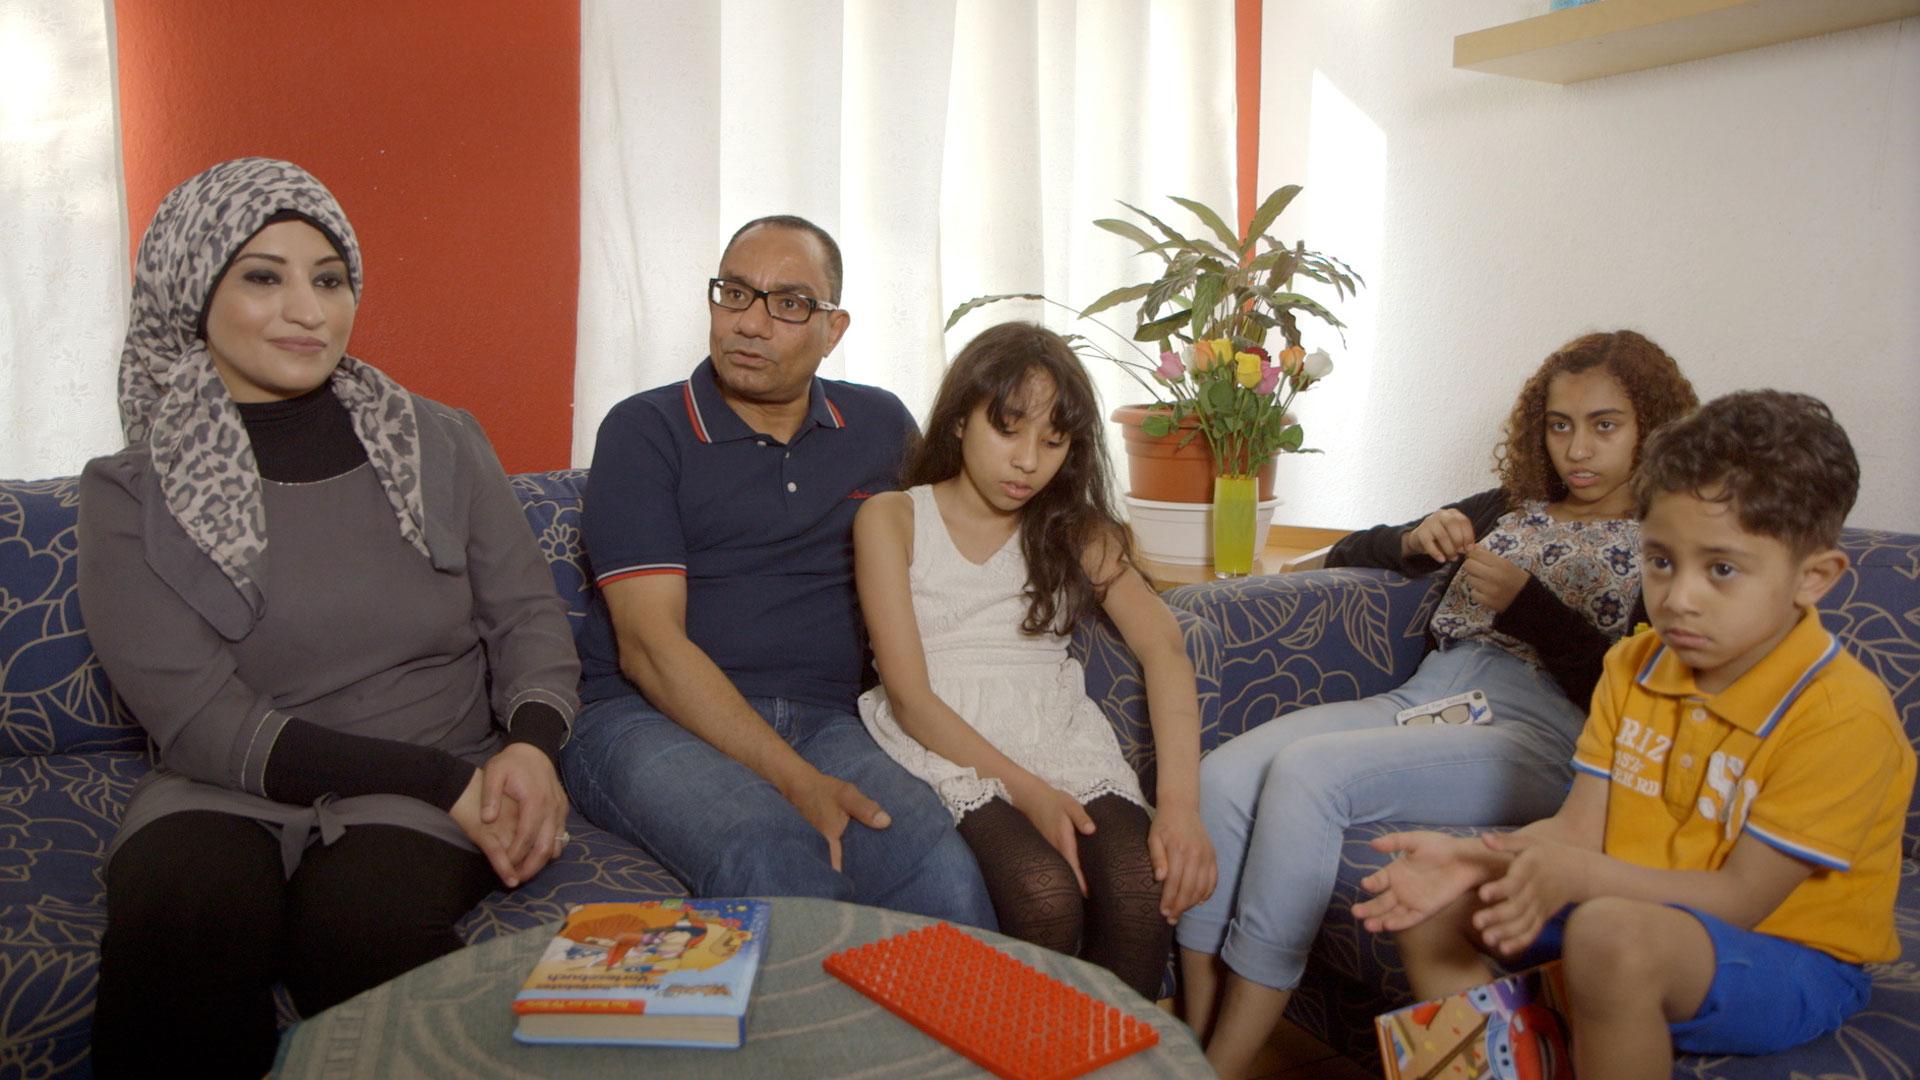 hansmann-tuerkische-familie-im-wohnzimmer